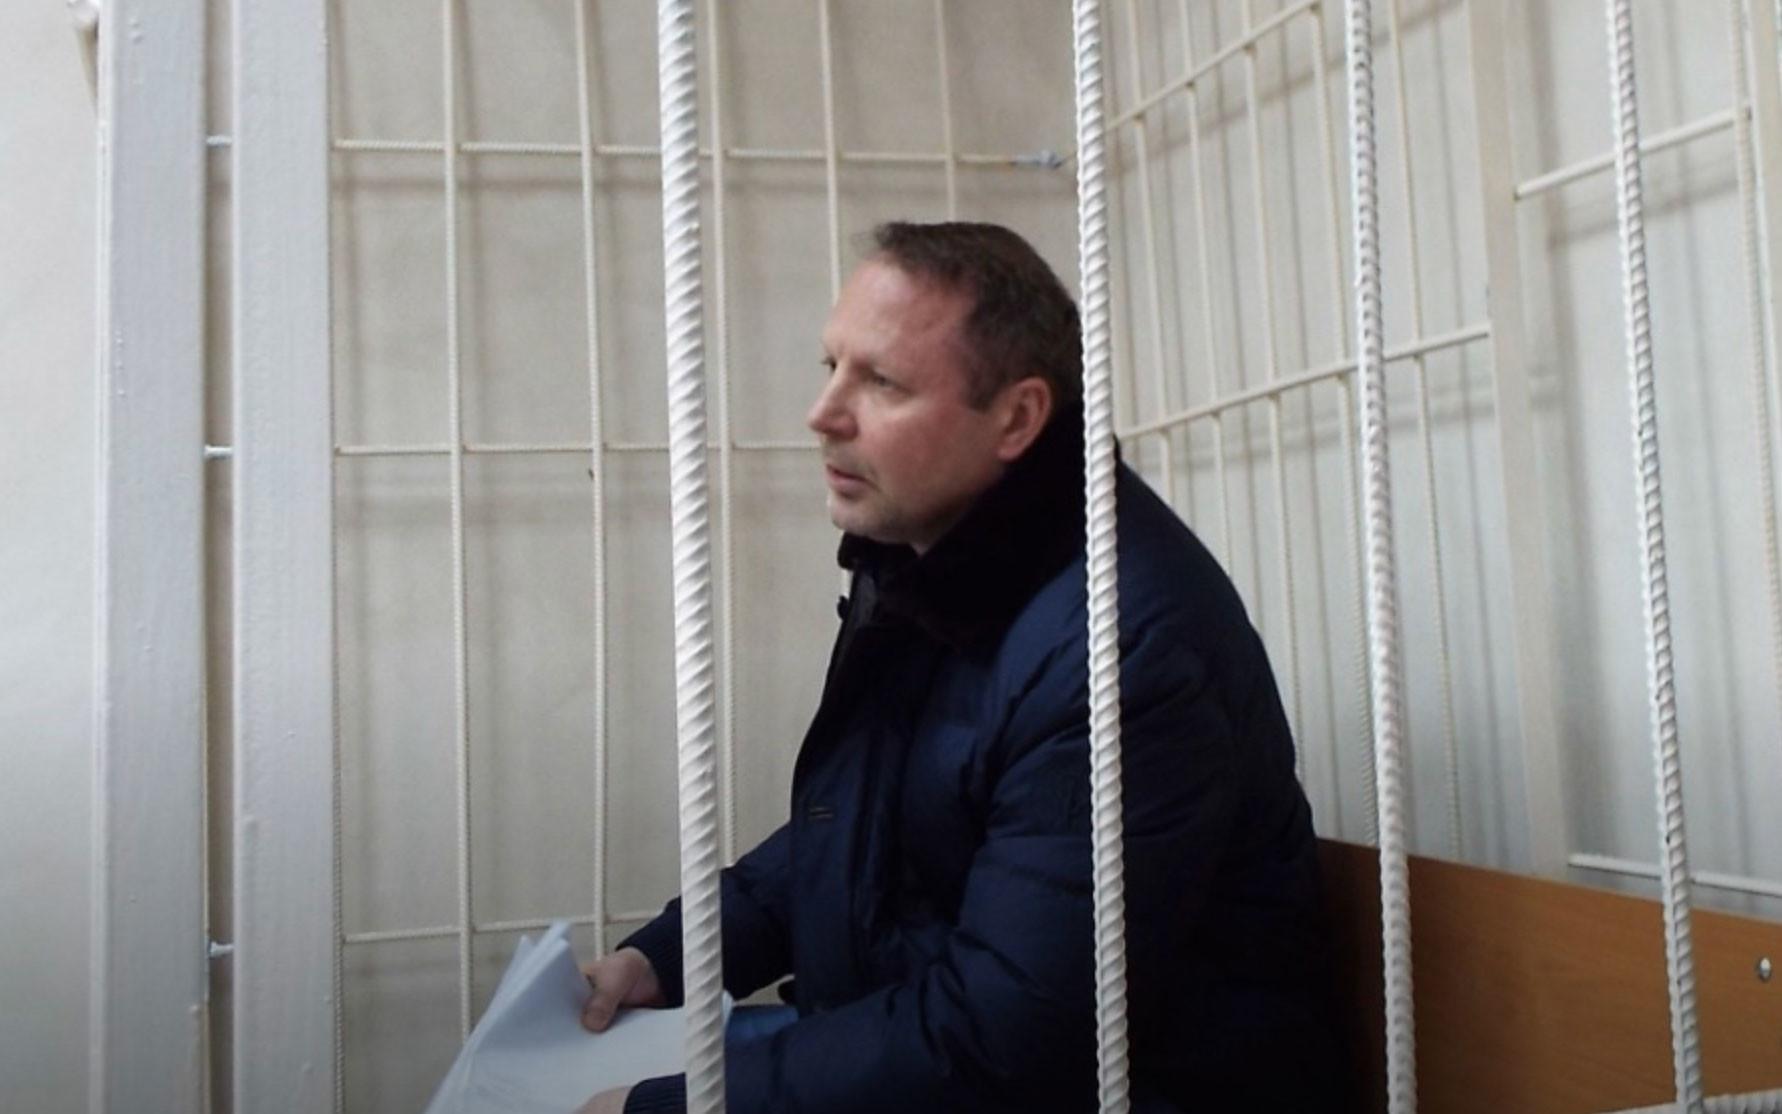 Юрий Пичугин. Фото: © С сайта Прайм Крайм